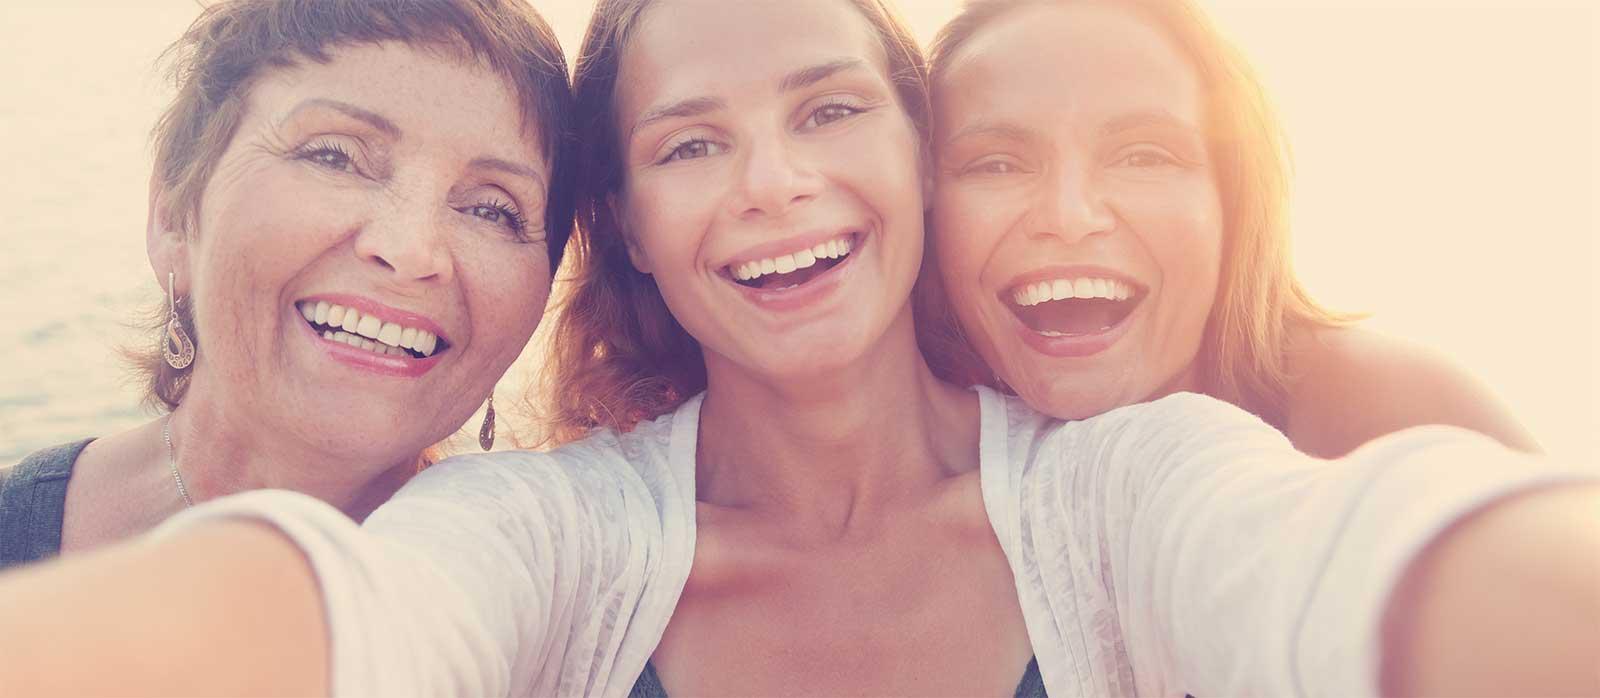 εικόνα τριών γυναικών από το header της σελίδας ιδιωτική ασφάλεια generali